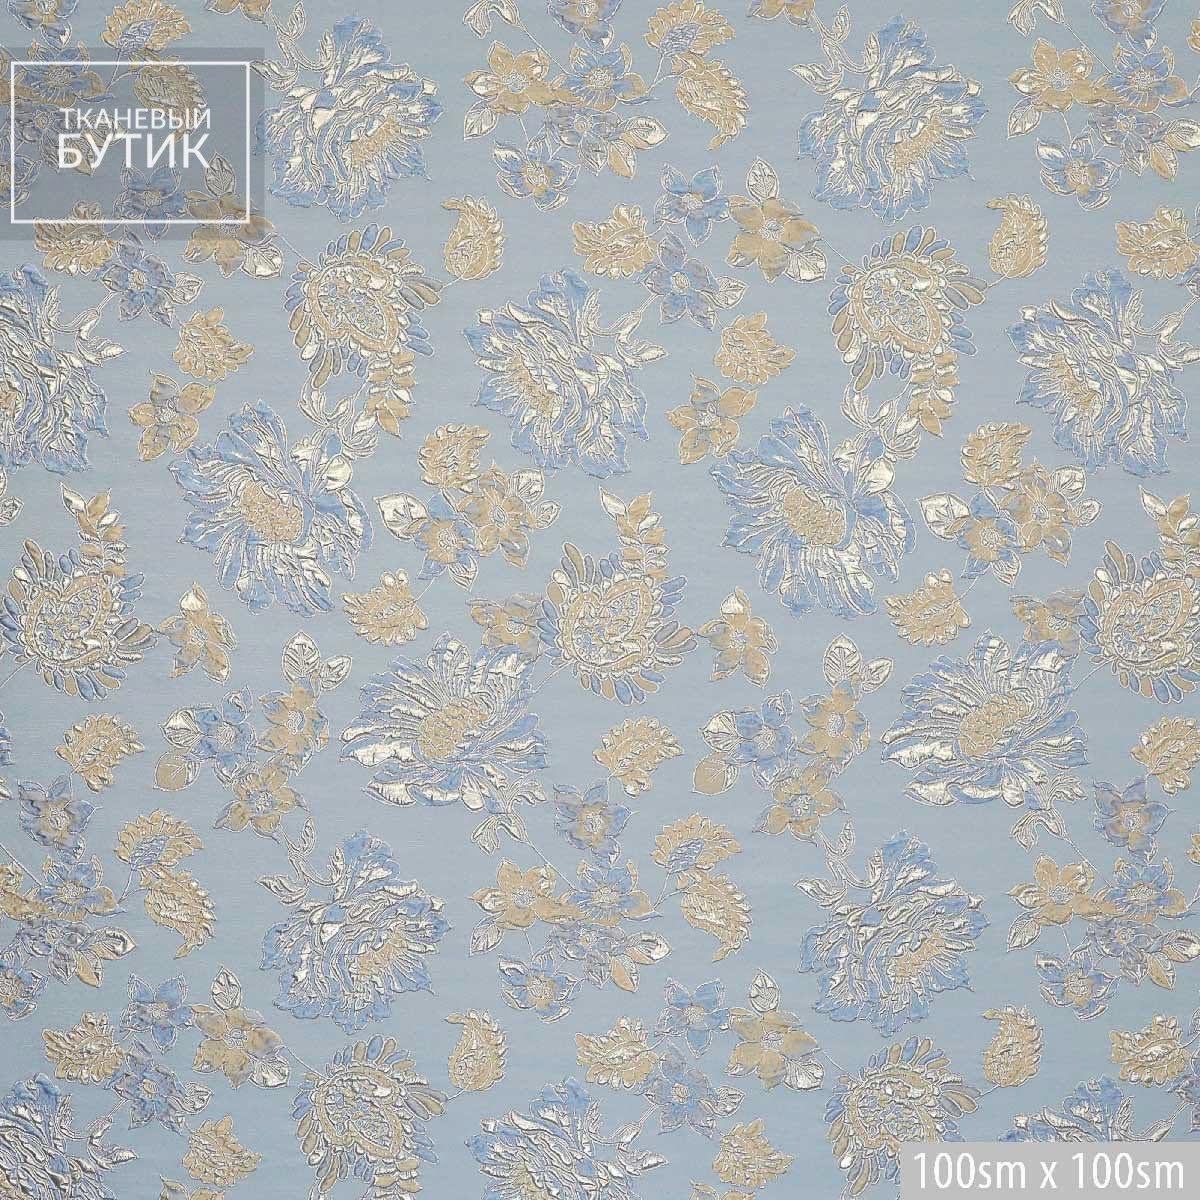 Молочно-голубой жаккард-клоке с цветами с золотистыми акцентами